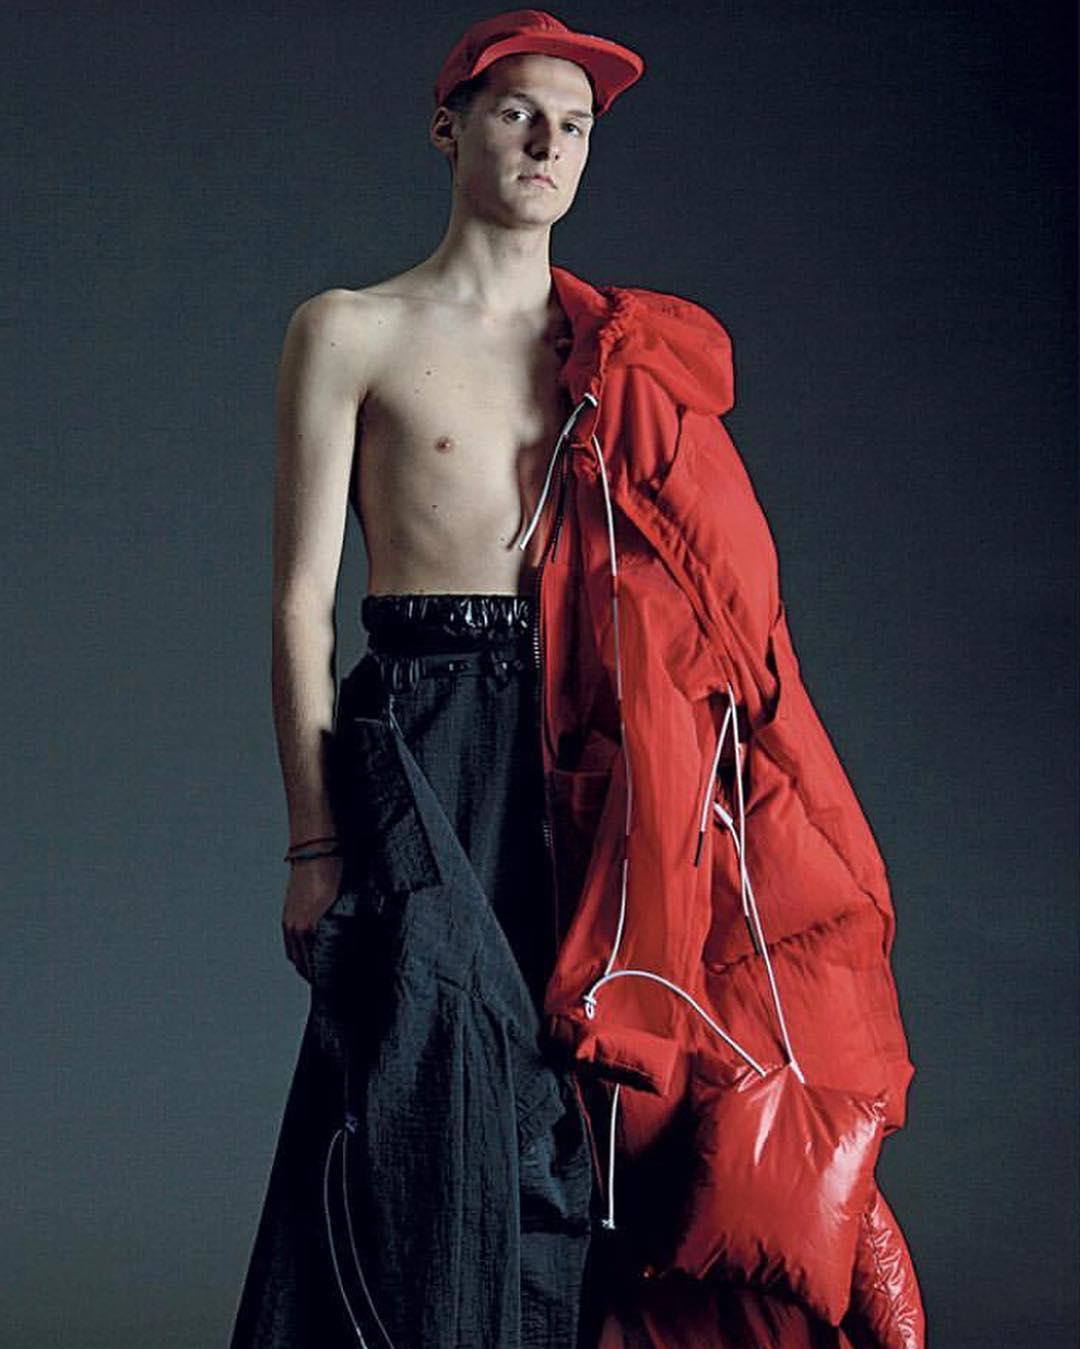 Ксения Князева: Модная многослойность и больная фантазия.Я отдаю себе отчёт в том, что Мода это искусство, в первую очередь, поскольку, чтобы прикрыть причинные места или согреться, достаточно набедренной повязки или шкуры мамонта. Однако, из-за богатейшего насле...